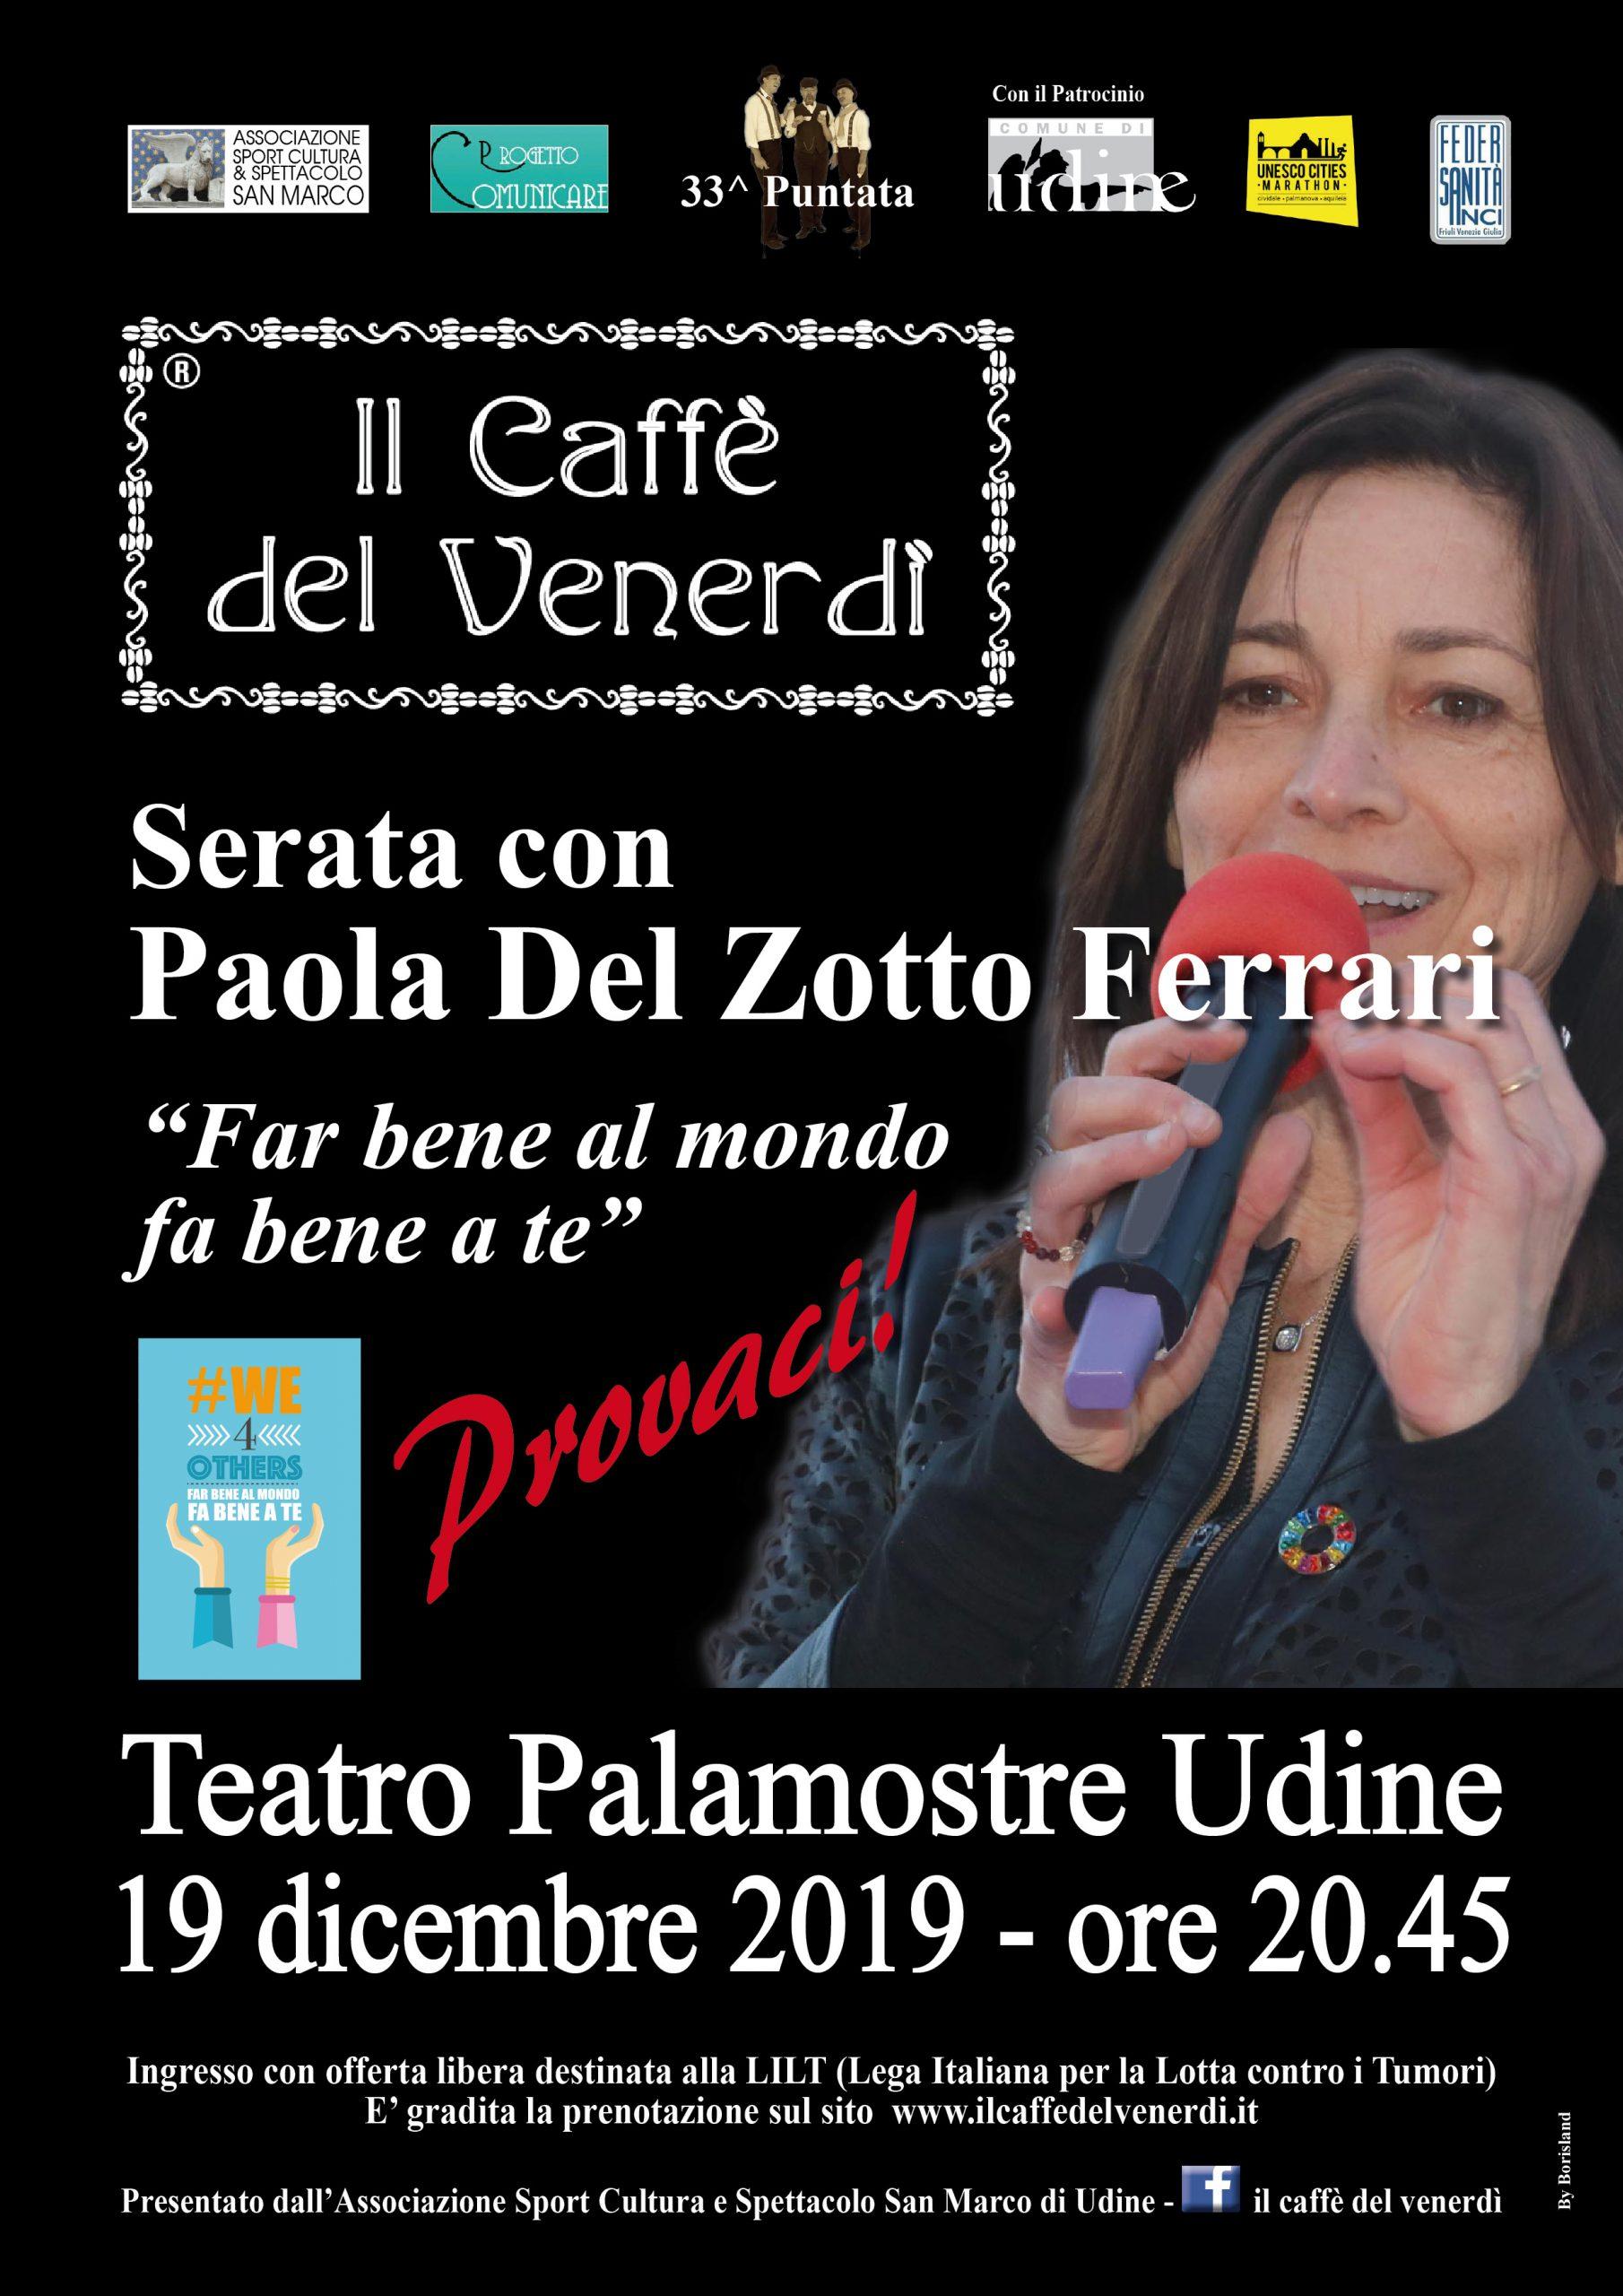 Locandina serata con Paola Del Zotto Ferrari